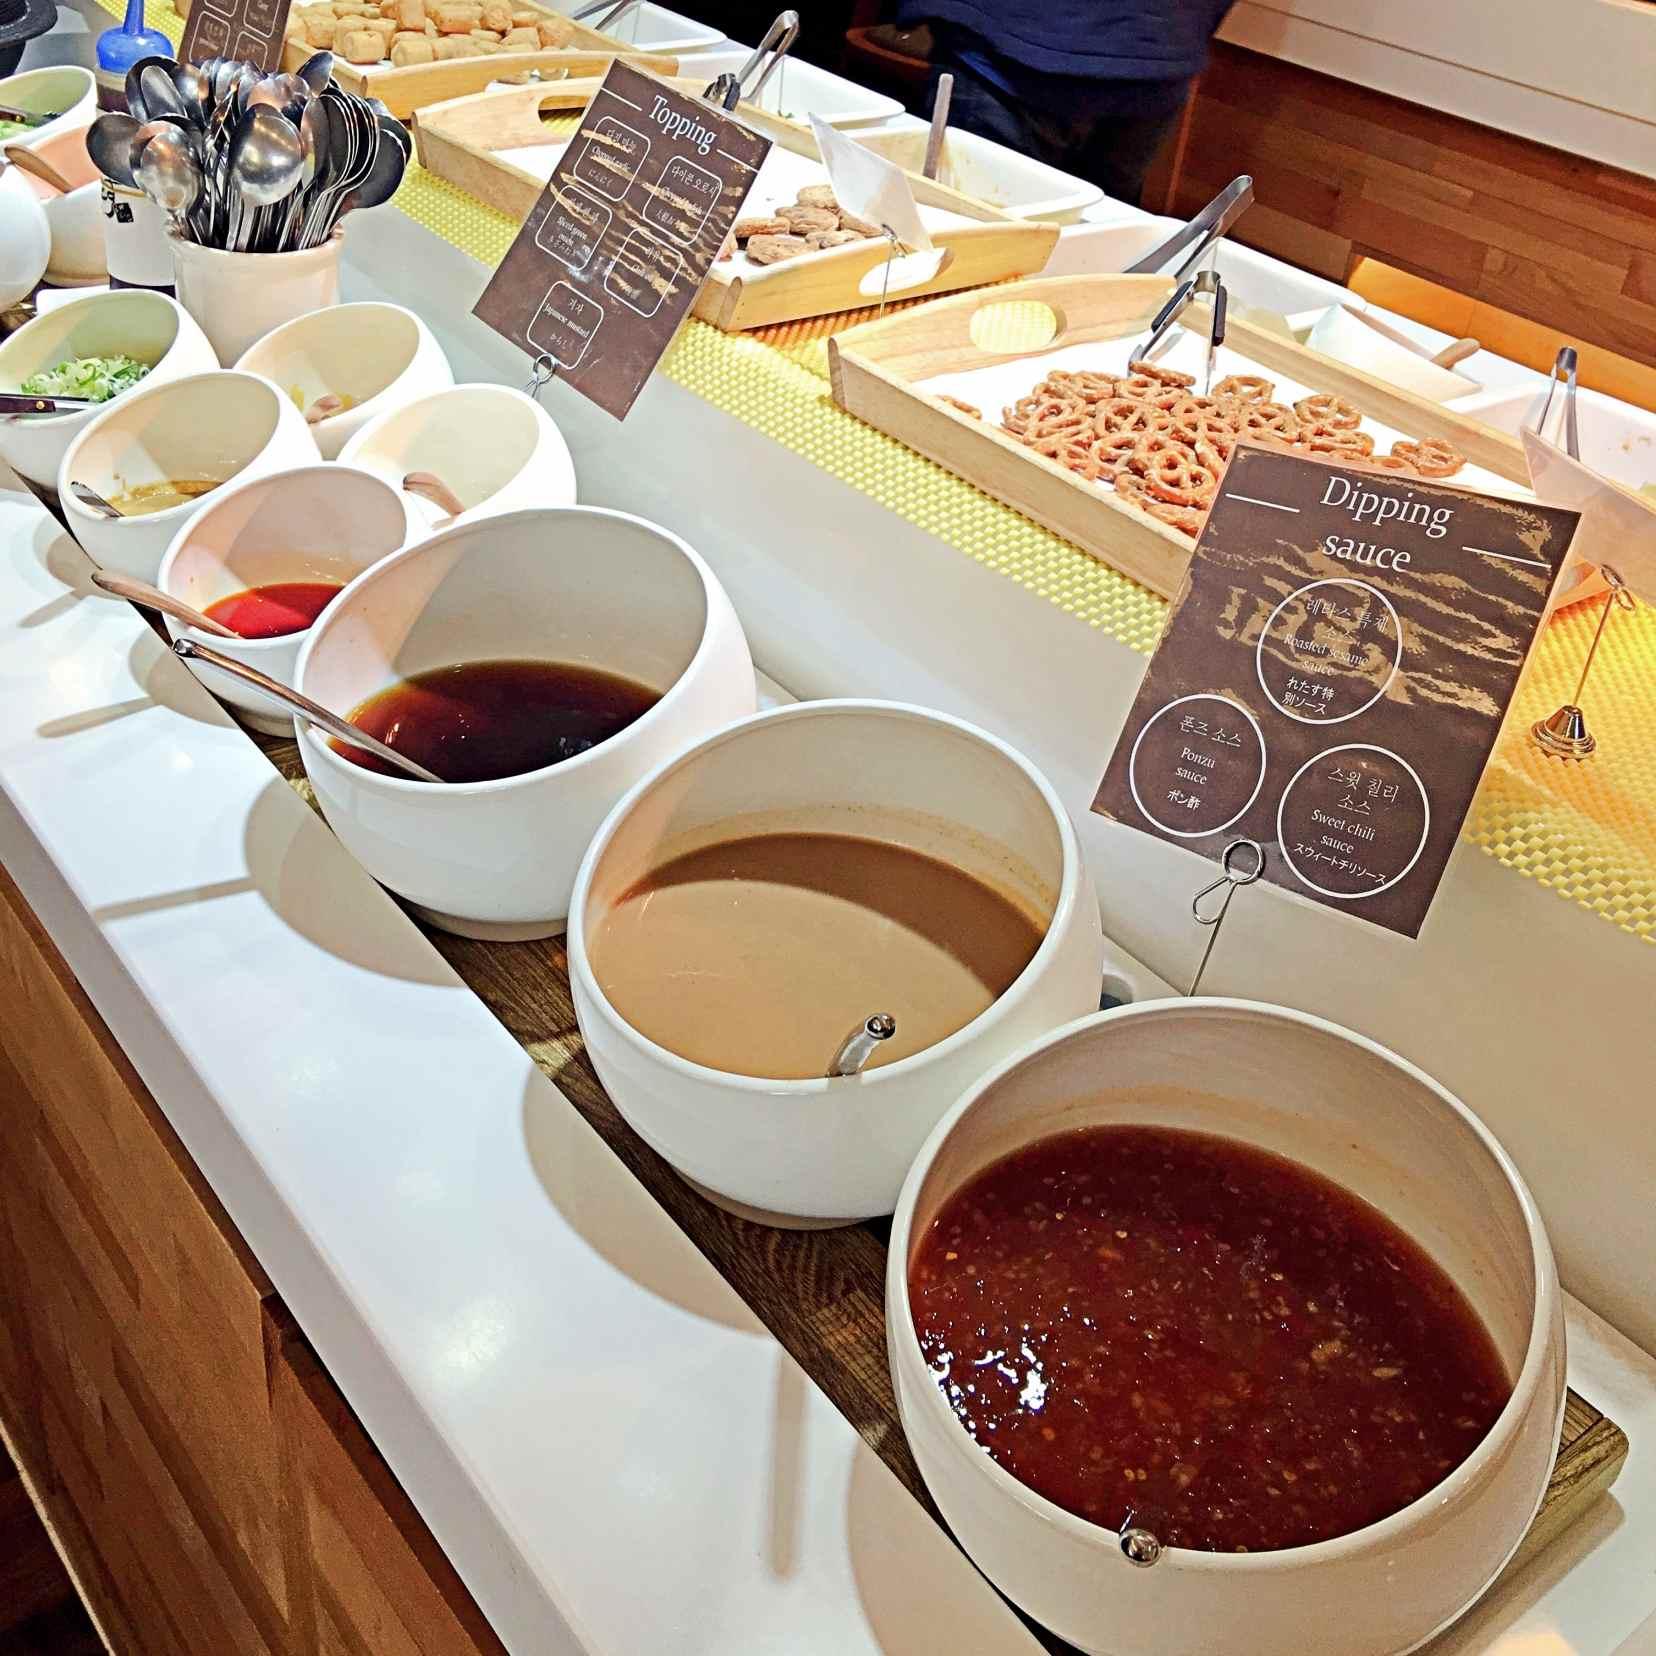 醬料有3種沾料,基本的蔥薑蒜也都隨時備足。